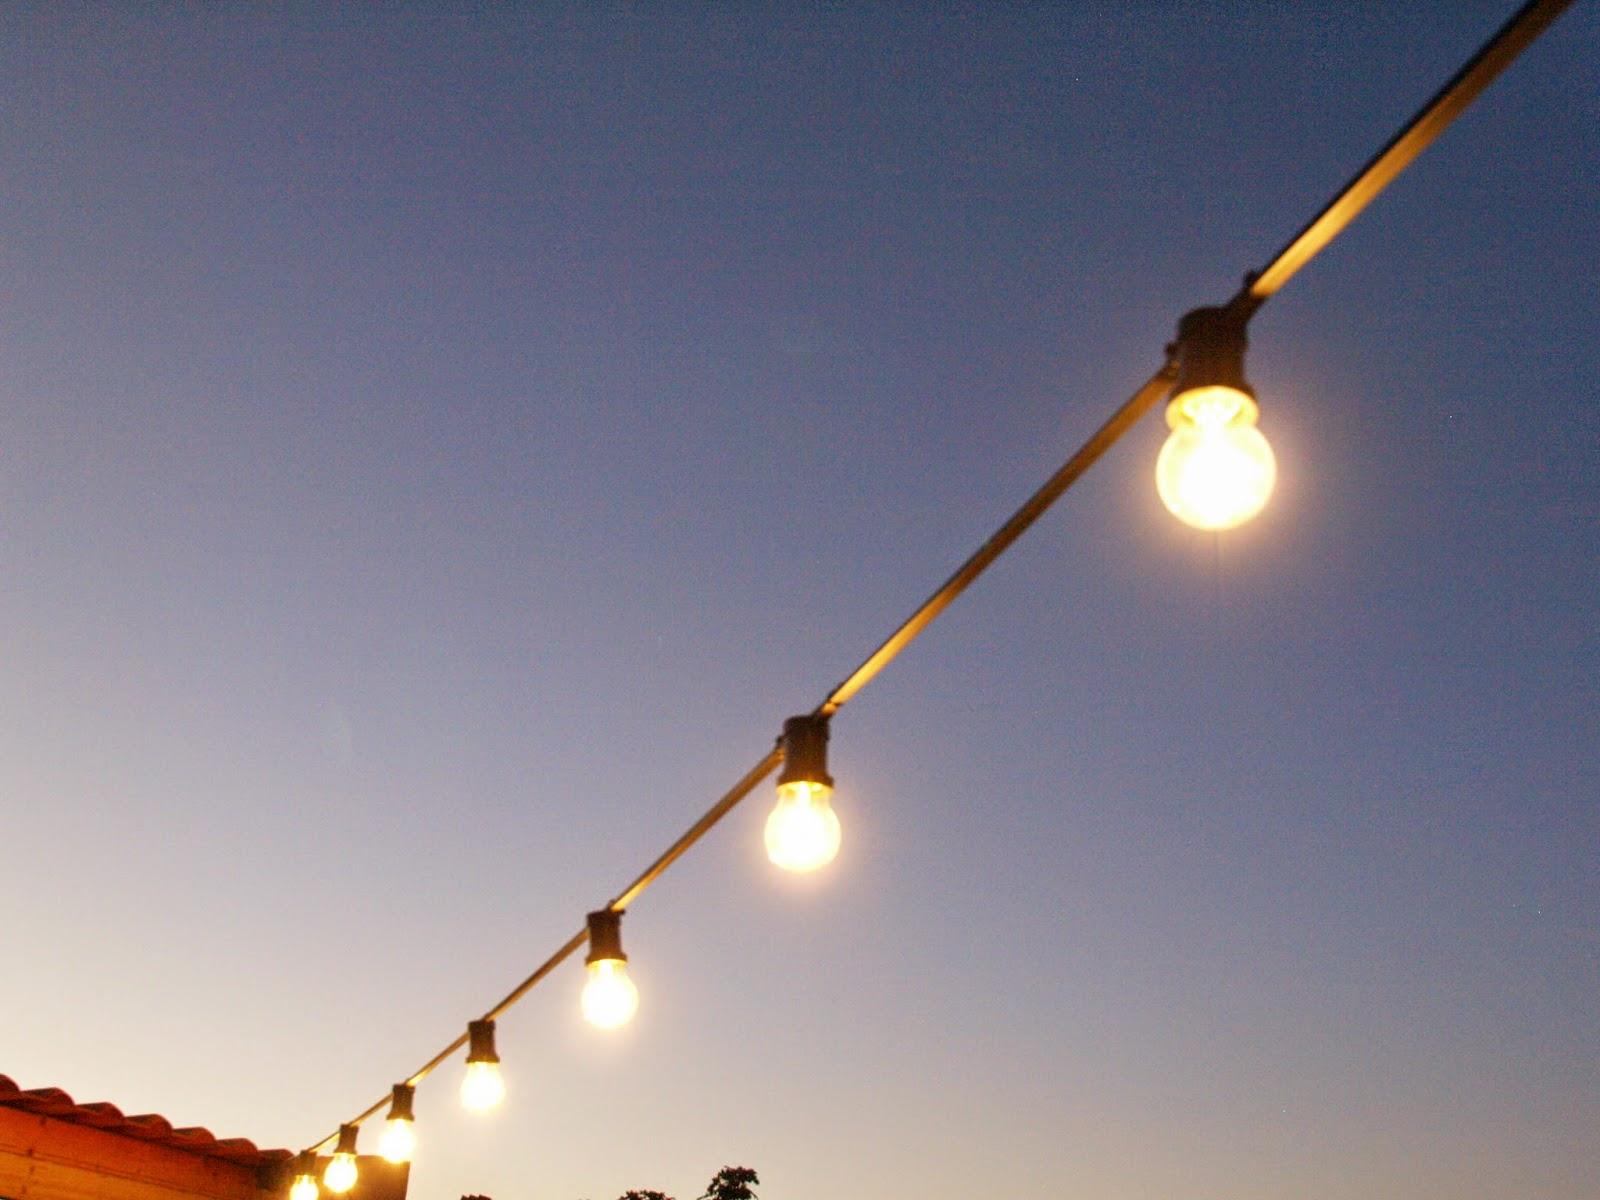 iluminaci n sonido e imagen guirnaldas de bombillas para